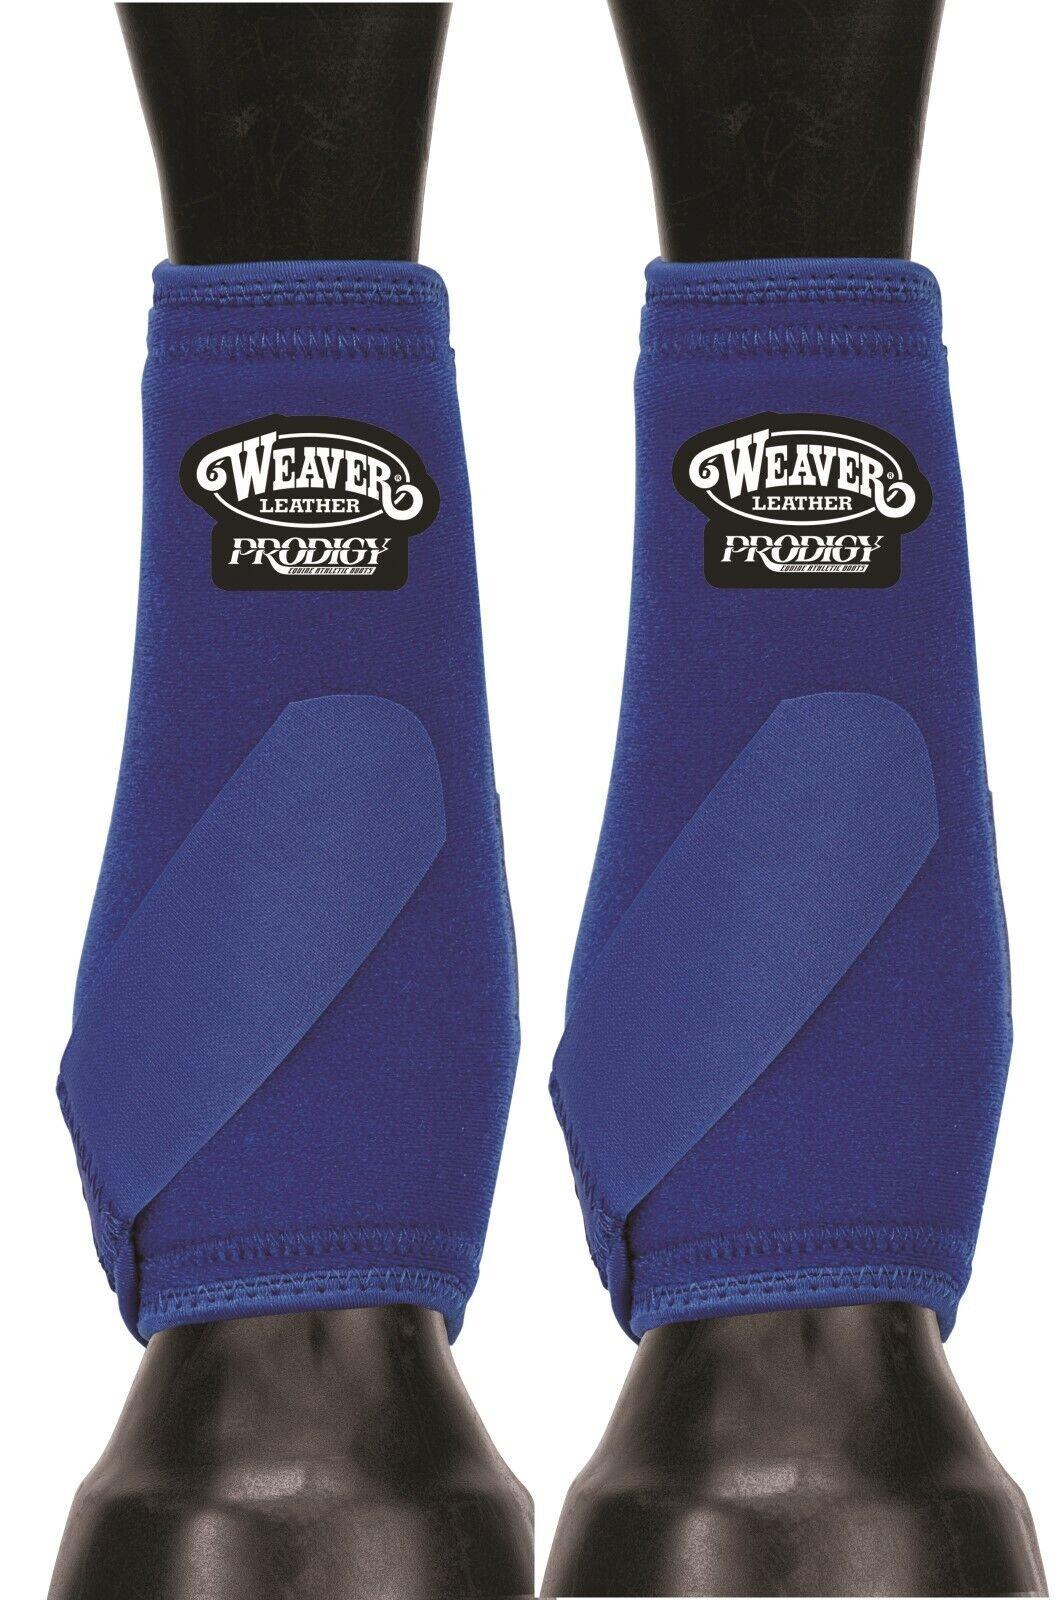 Weaver Leather Original prodigio Performance atlética pequeñas y medianas empresas botas 2 Paquete Azul